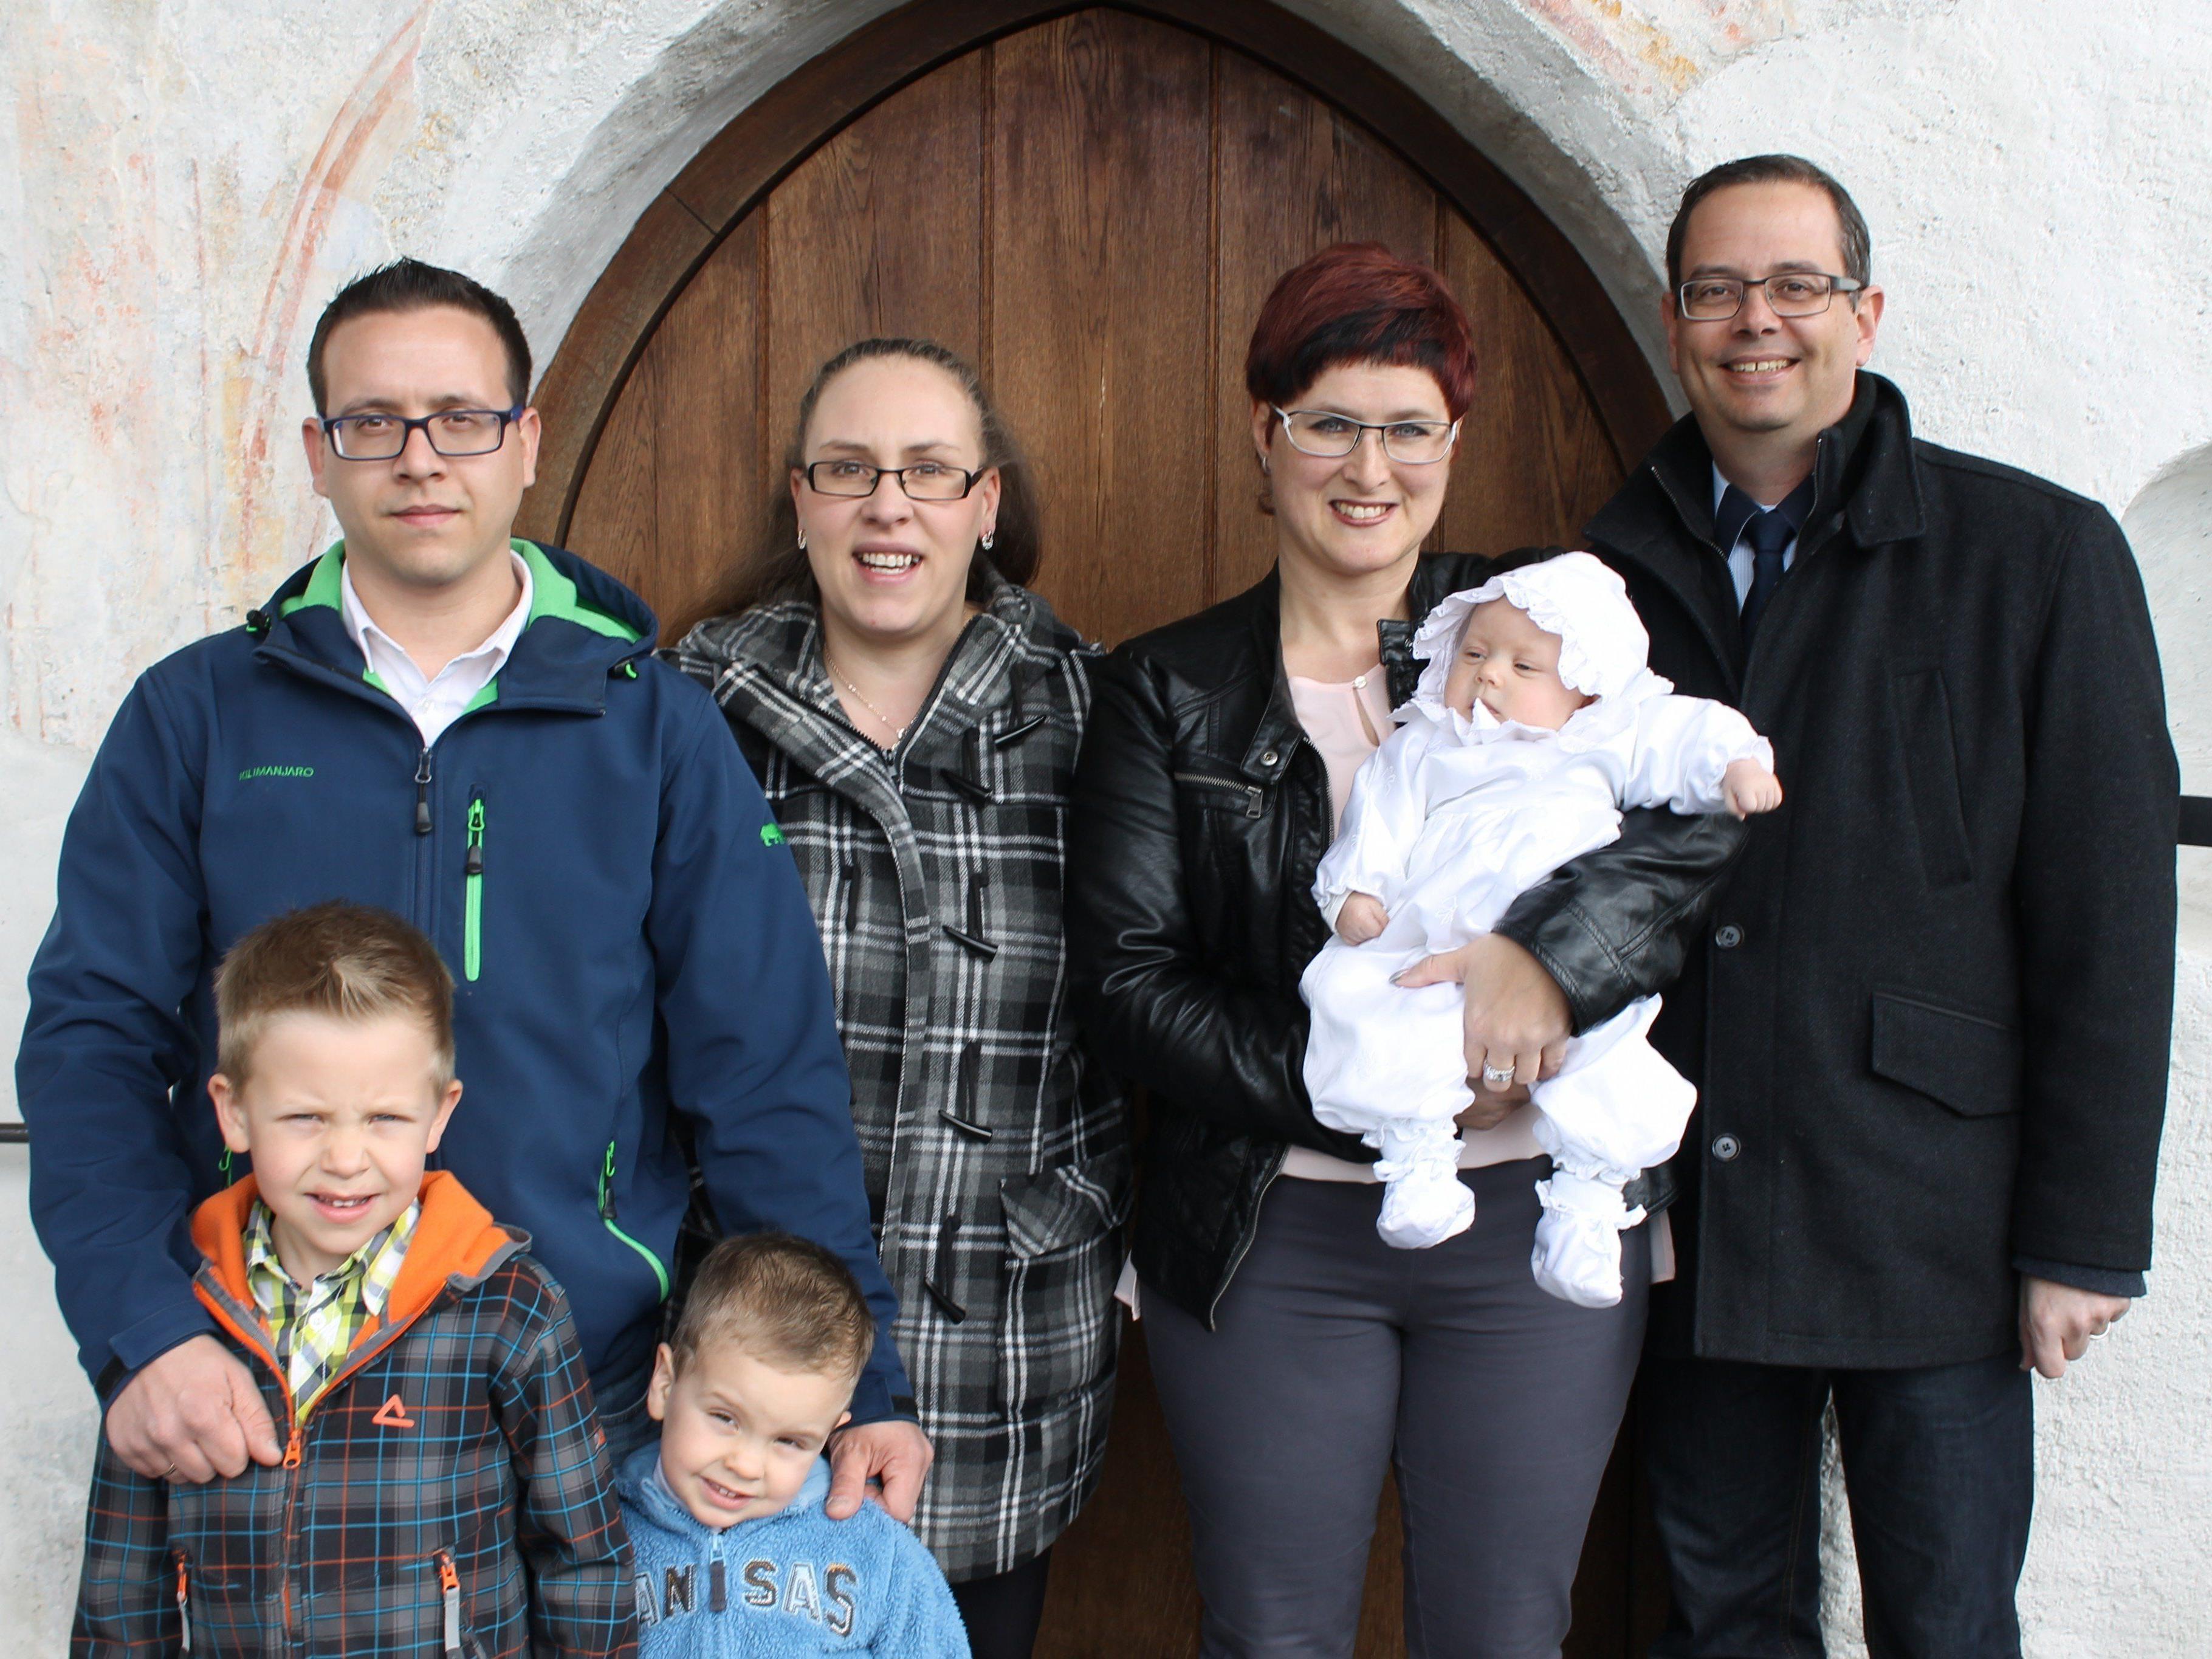 Emilia Schiavone wurde in der St. Vinerkirche getauft